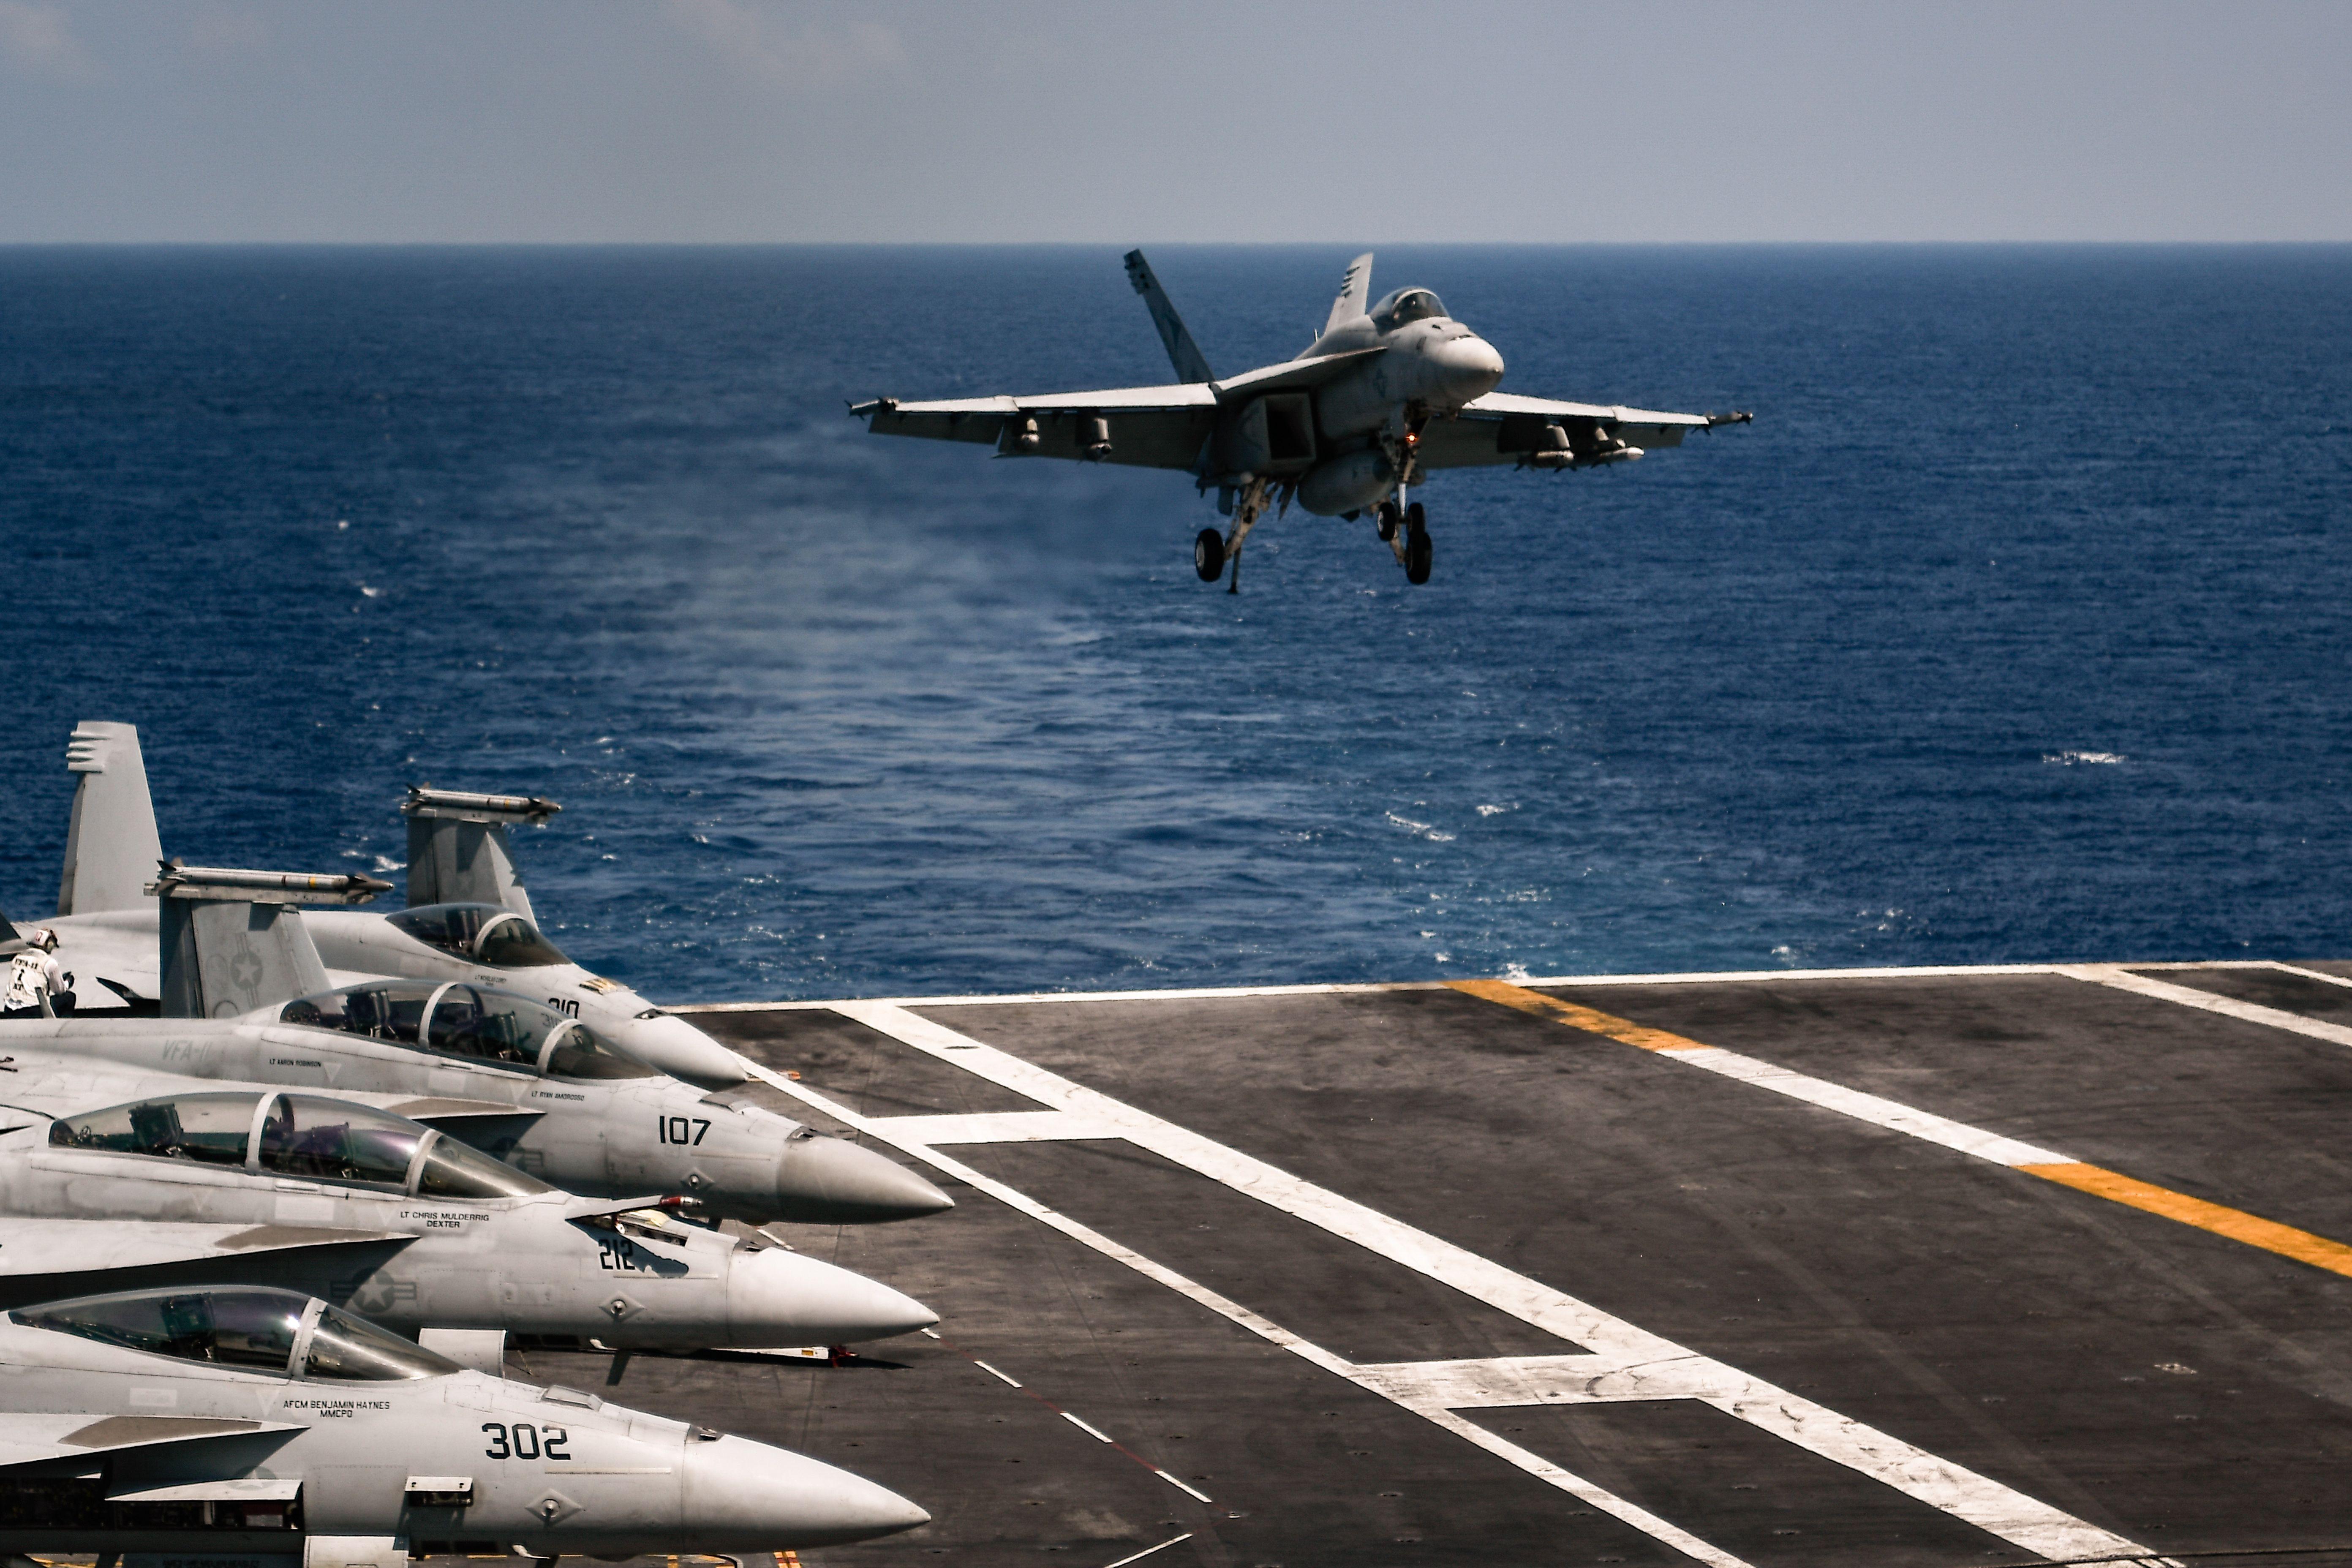 US-Navy bestätigt UFO-Untersuchungen – Air Force widerspricht Erklärung durch Drohnen